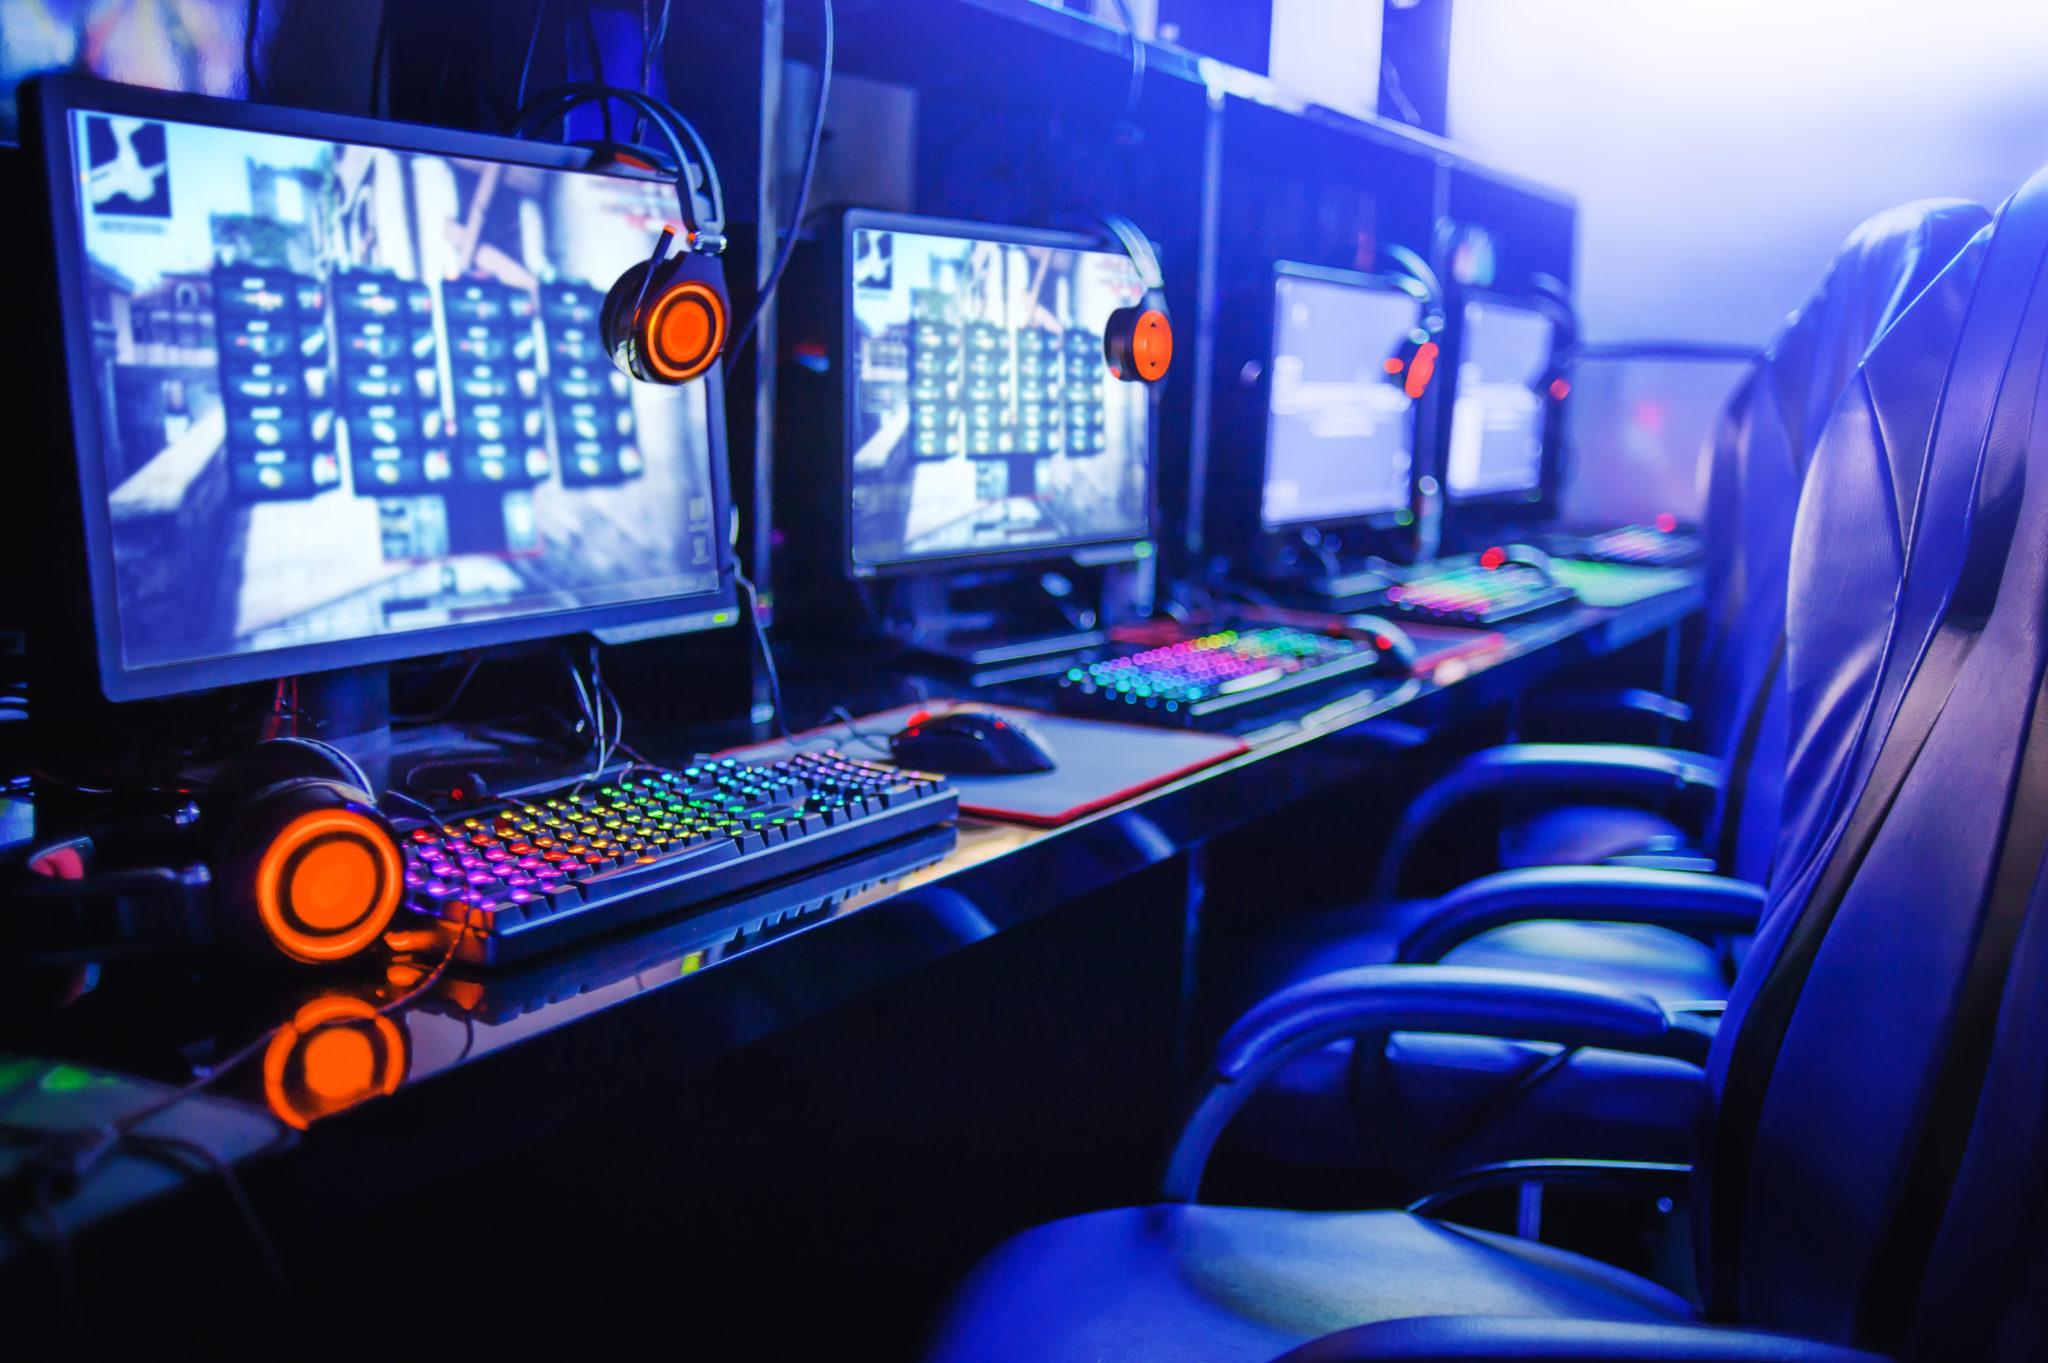 オンラインインターネットカフェのゲーミングPC